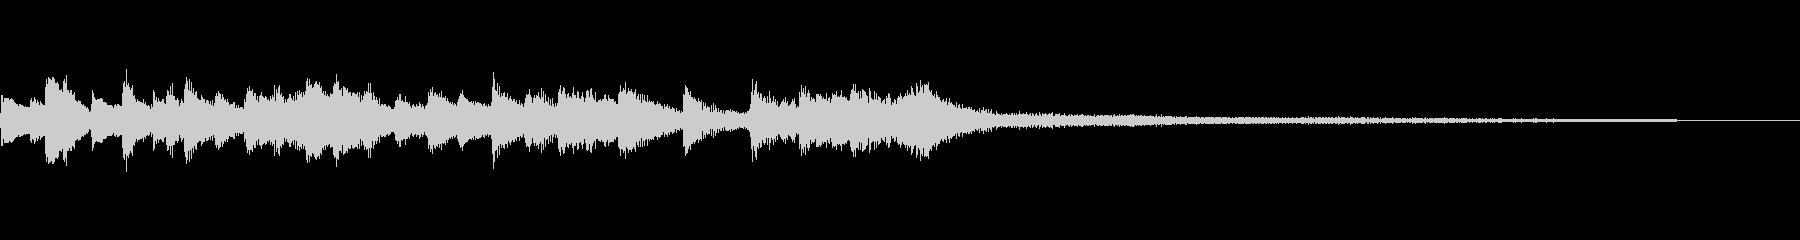 和風のジングル7b-タックピアノの未再生の波形